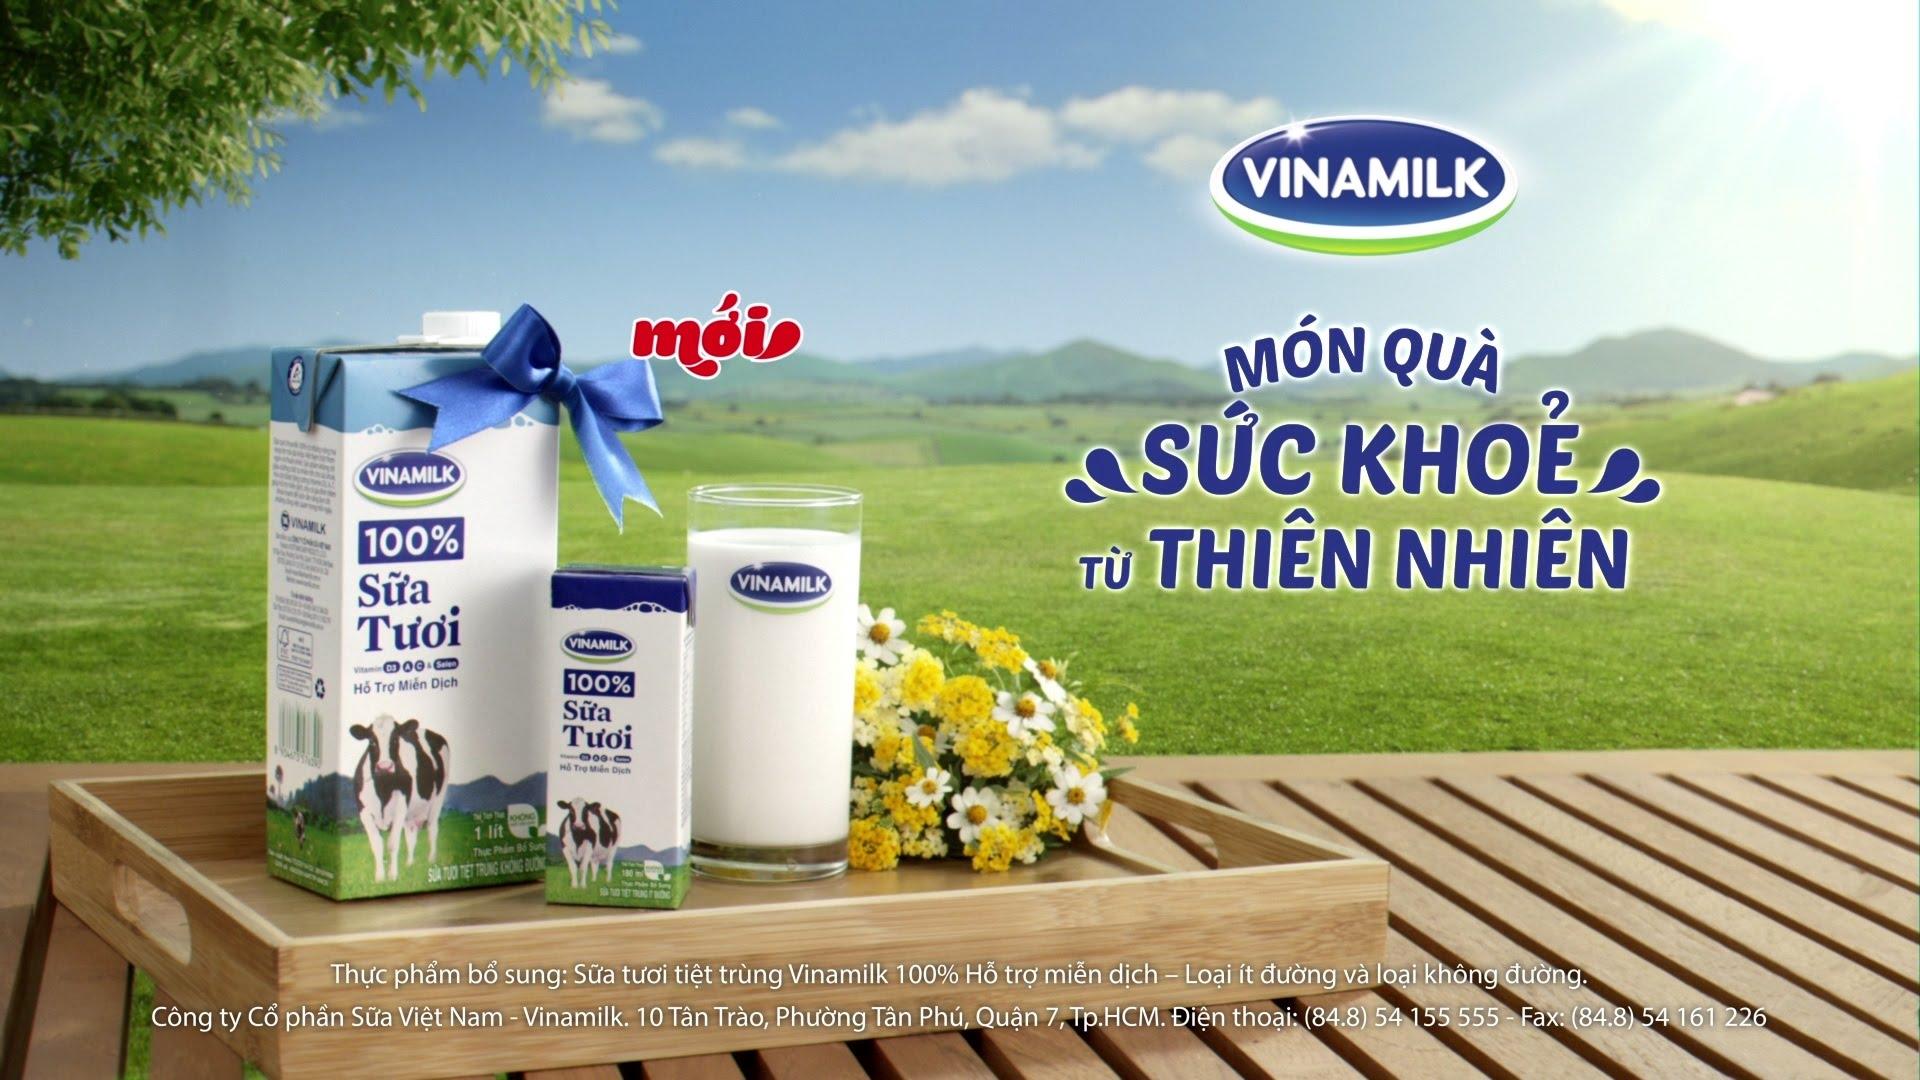 Lam Viec Tai Vinamilk 2